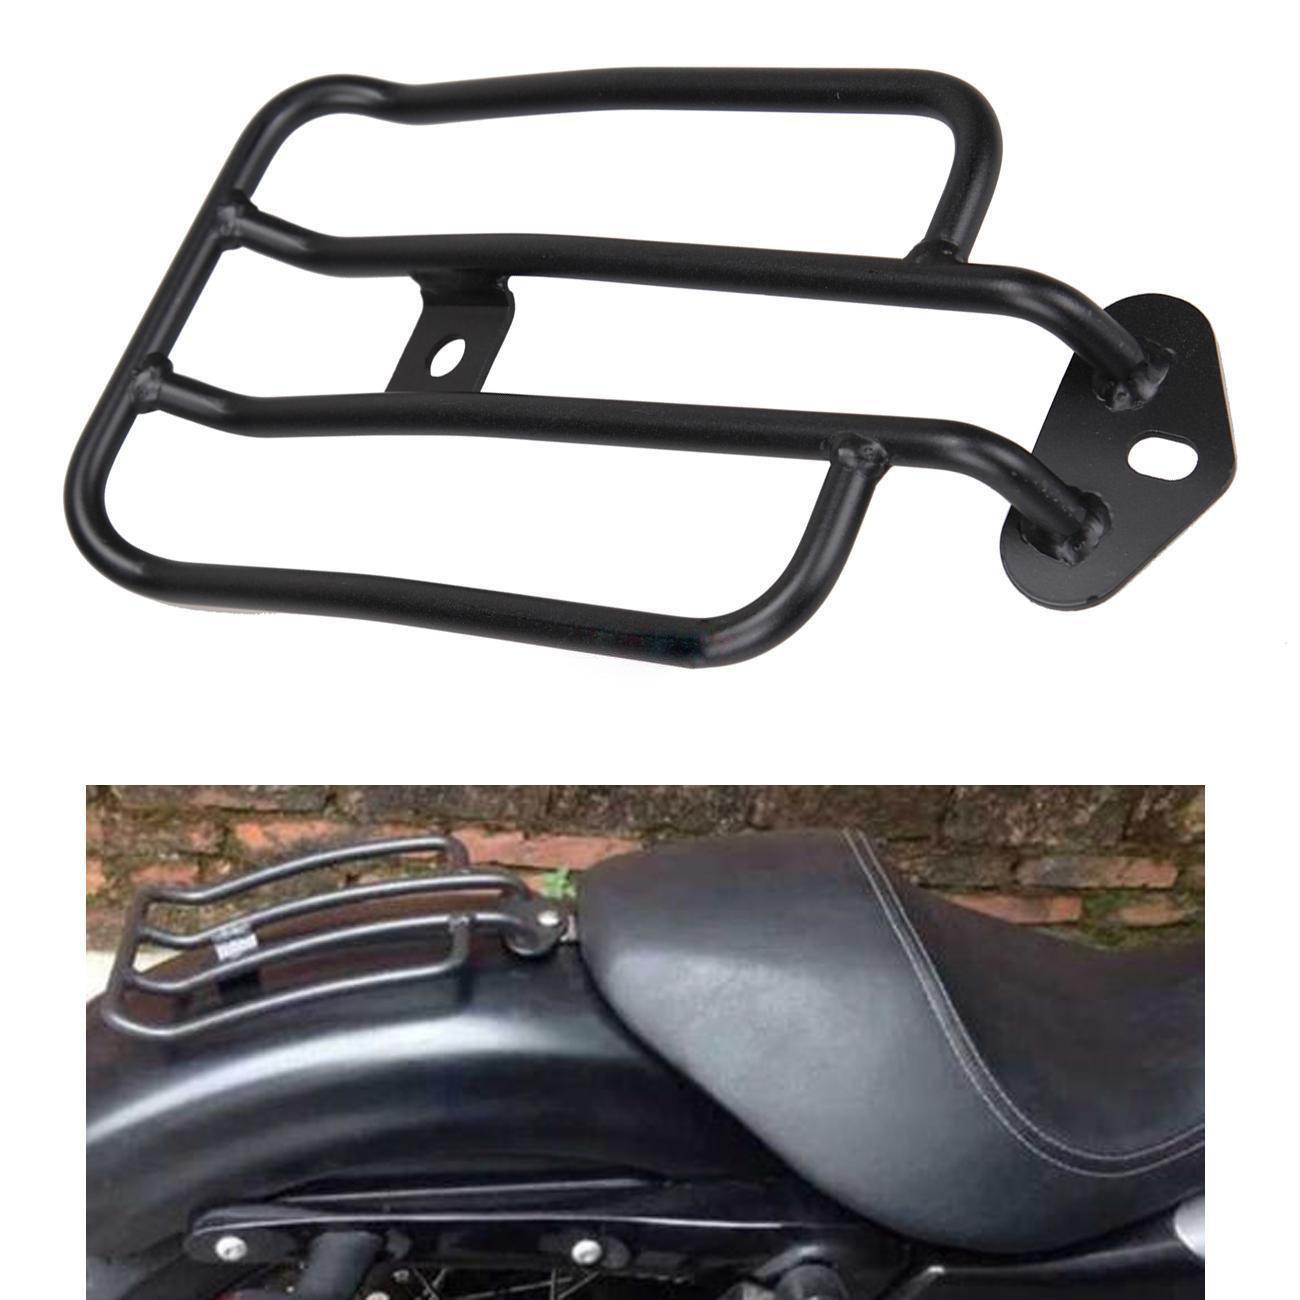 Ambiente Noir Moto Porte-bagages Solo Siège plaqué or bagages Étagère pour Harley Sportster XL 883120077–007377–0073de B Ambienceo